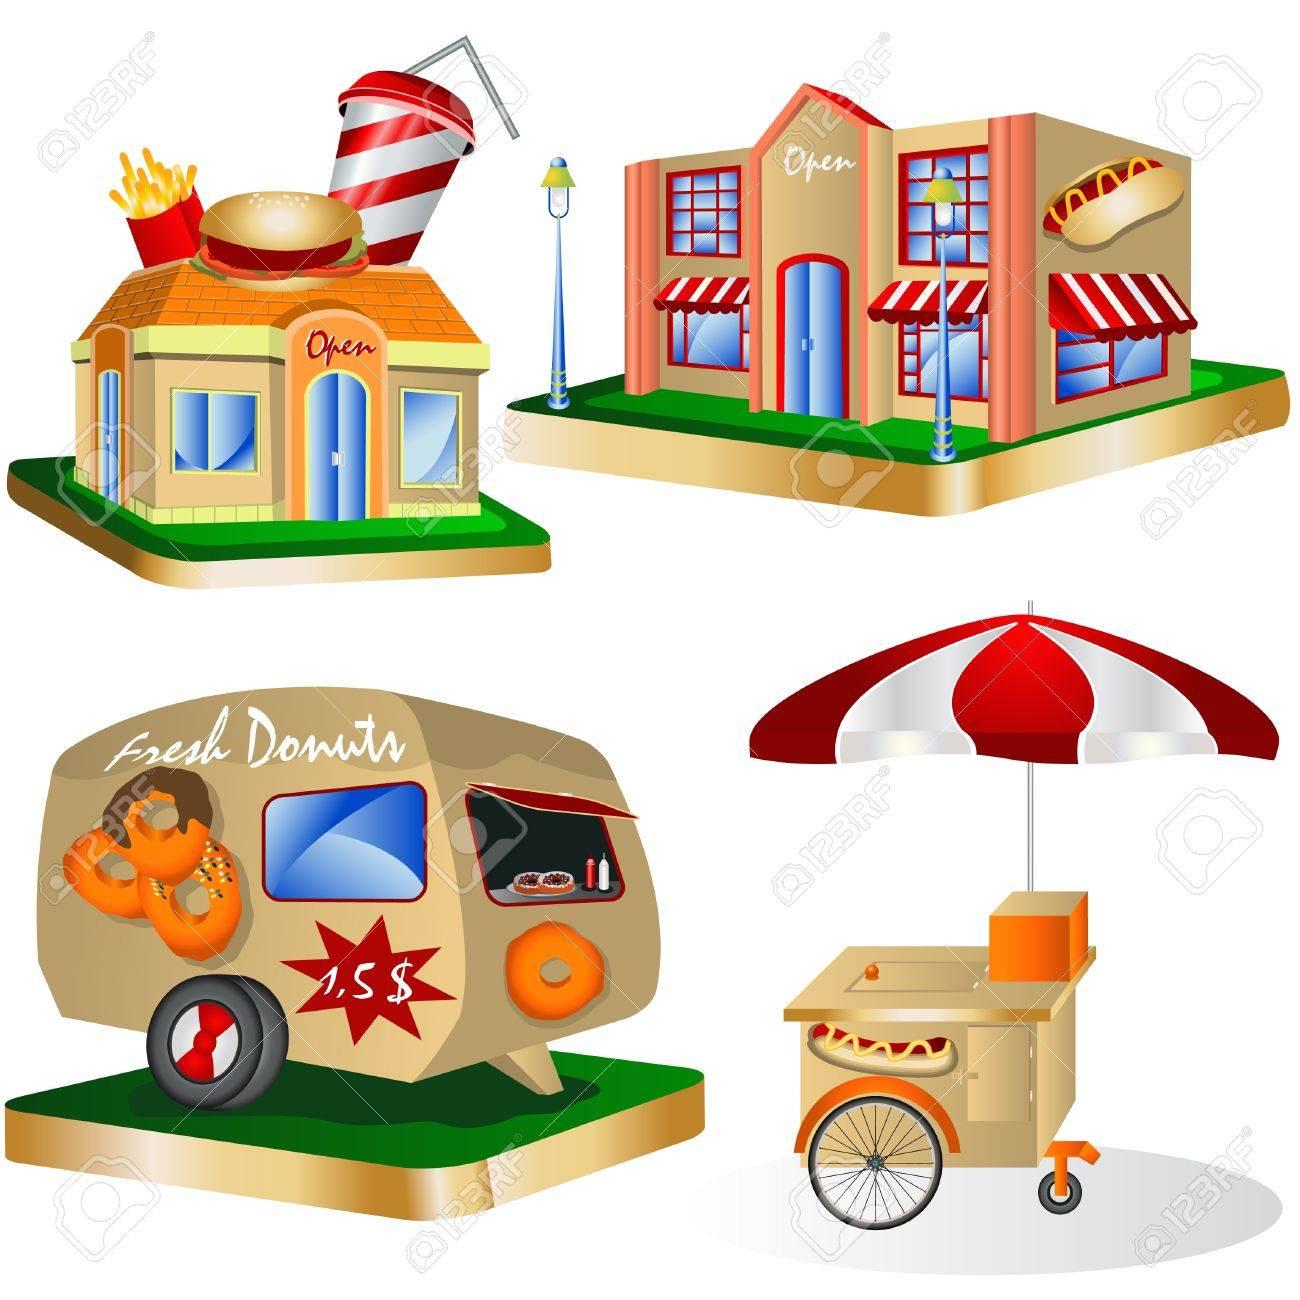 Fancy restaurant buildings clip art - Restaurant Building Fast Food Restaurants Illustration